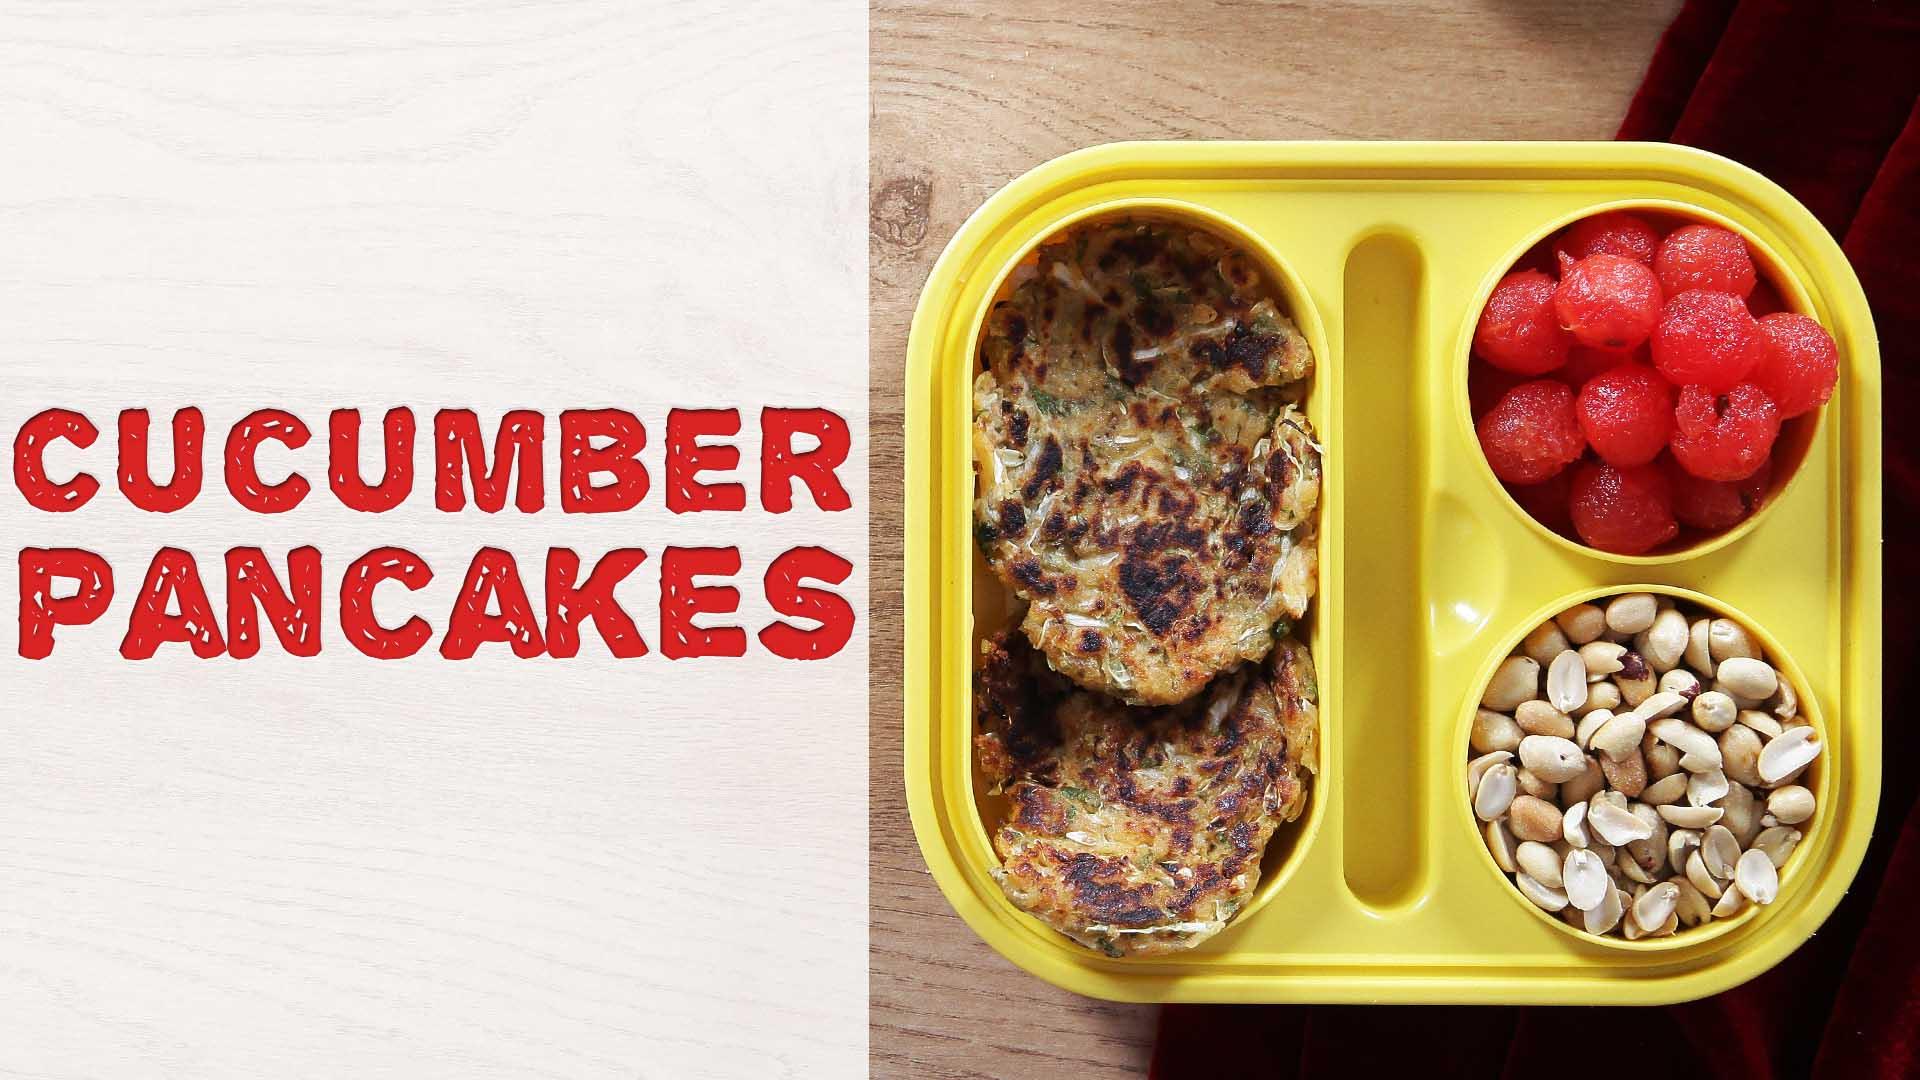 Cucumber Pancake Recipe